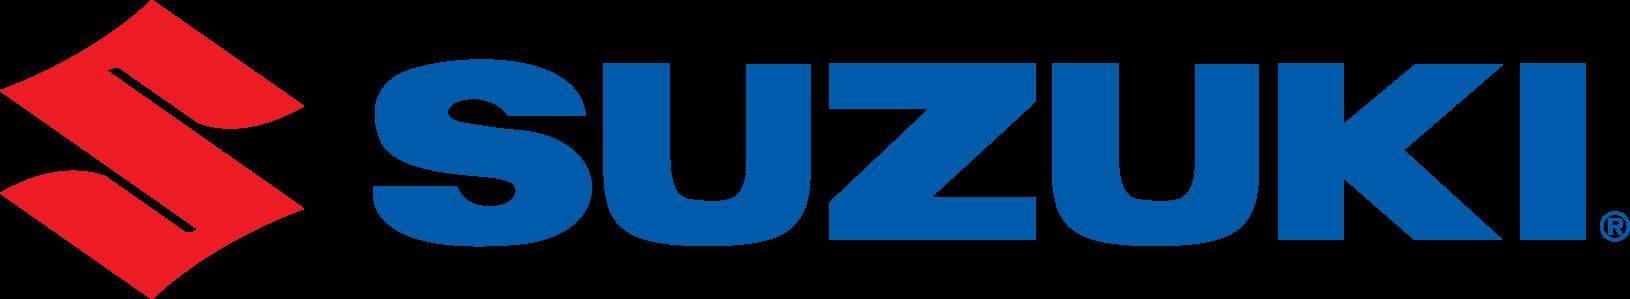 http://omxa.net/wp-content/uploads/2014/02/Suzuki_logo.png